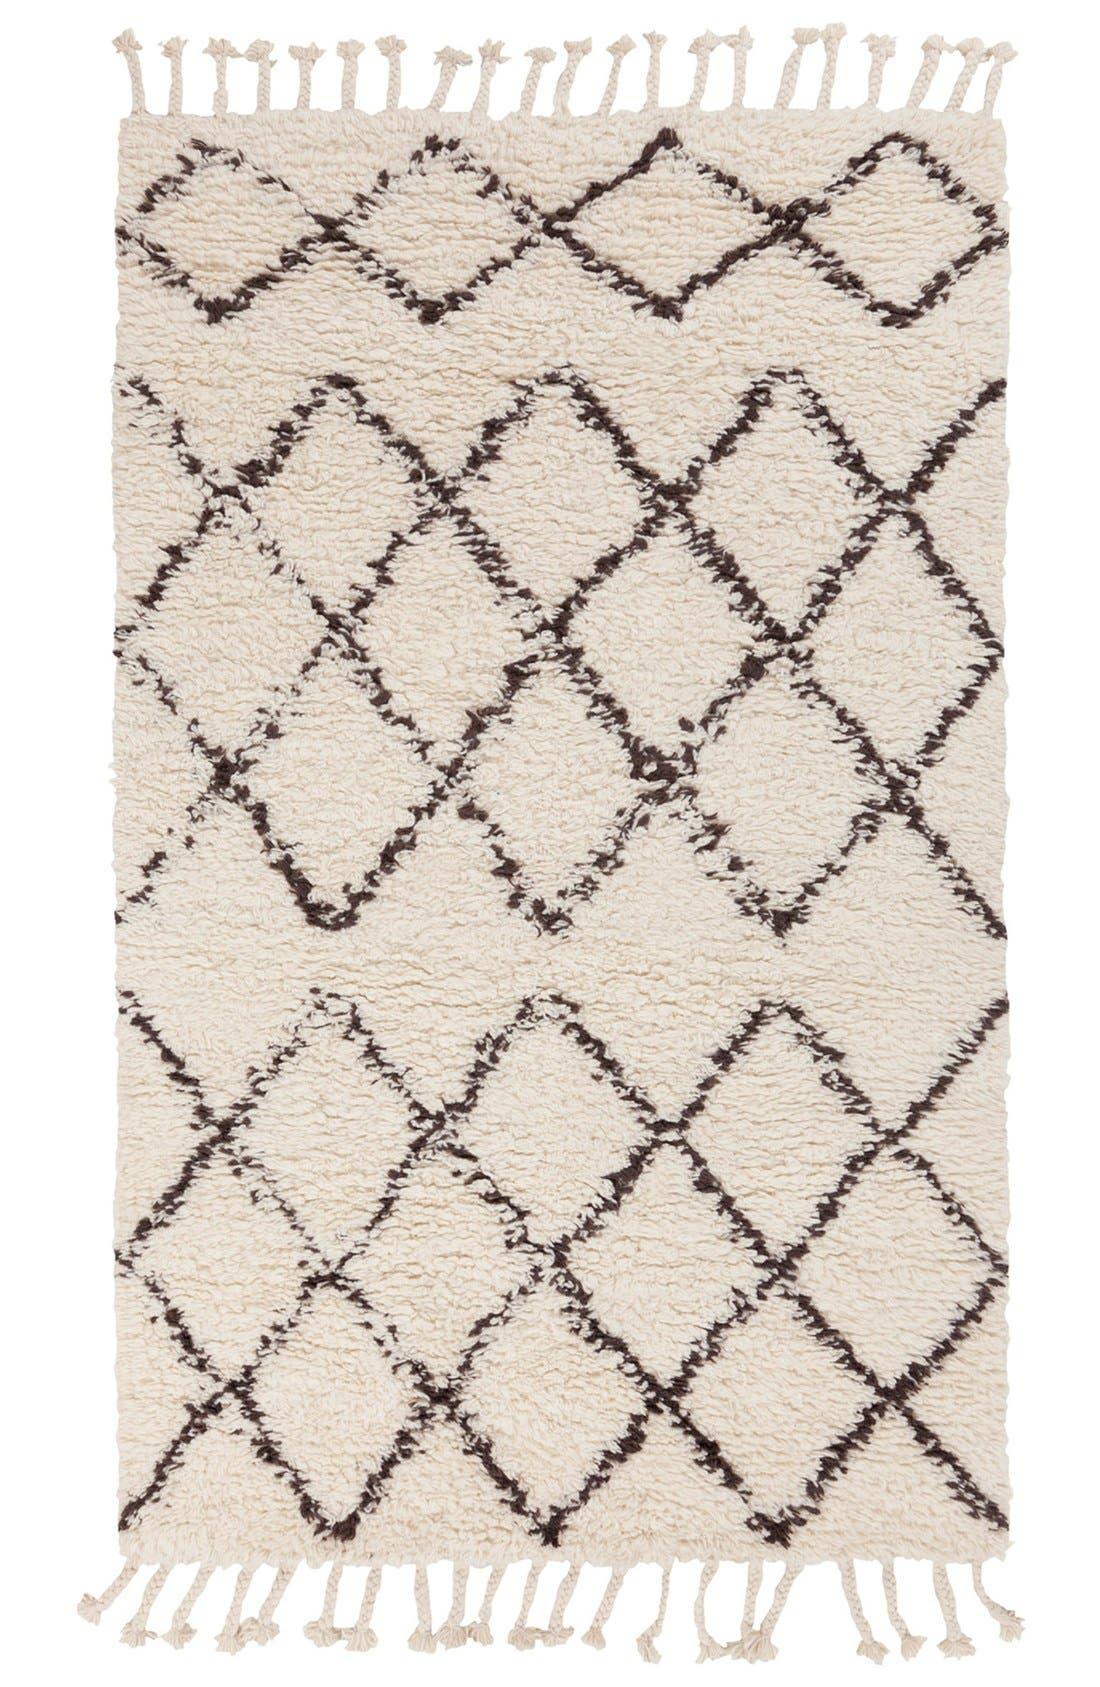 Alternate Image 1 Selected - Surya Home 'Sherpa - Lines' Wool Rug